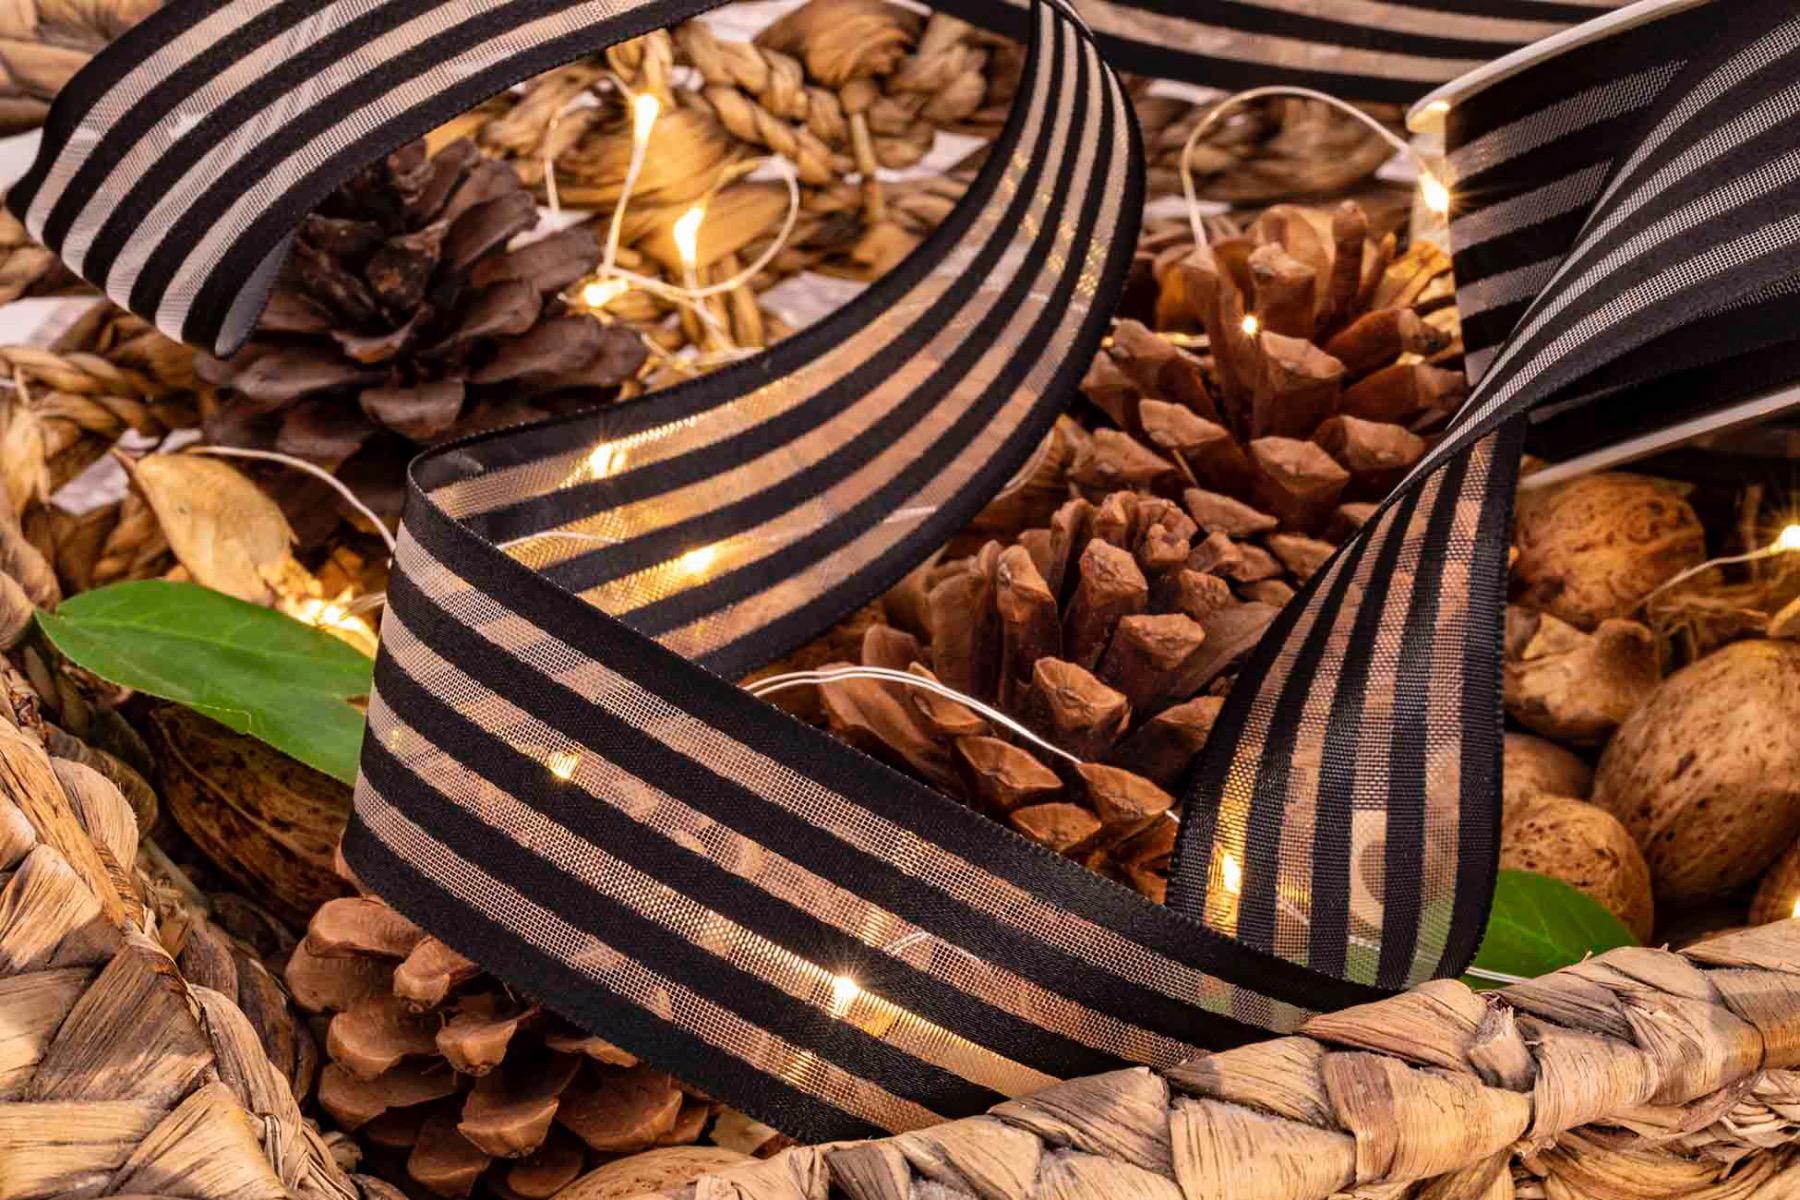 Black satin and sheer striped ribbon